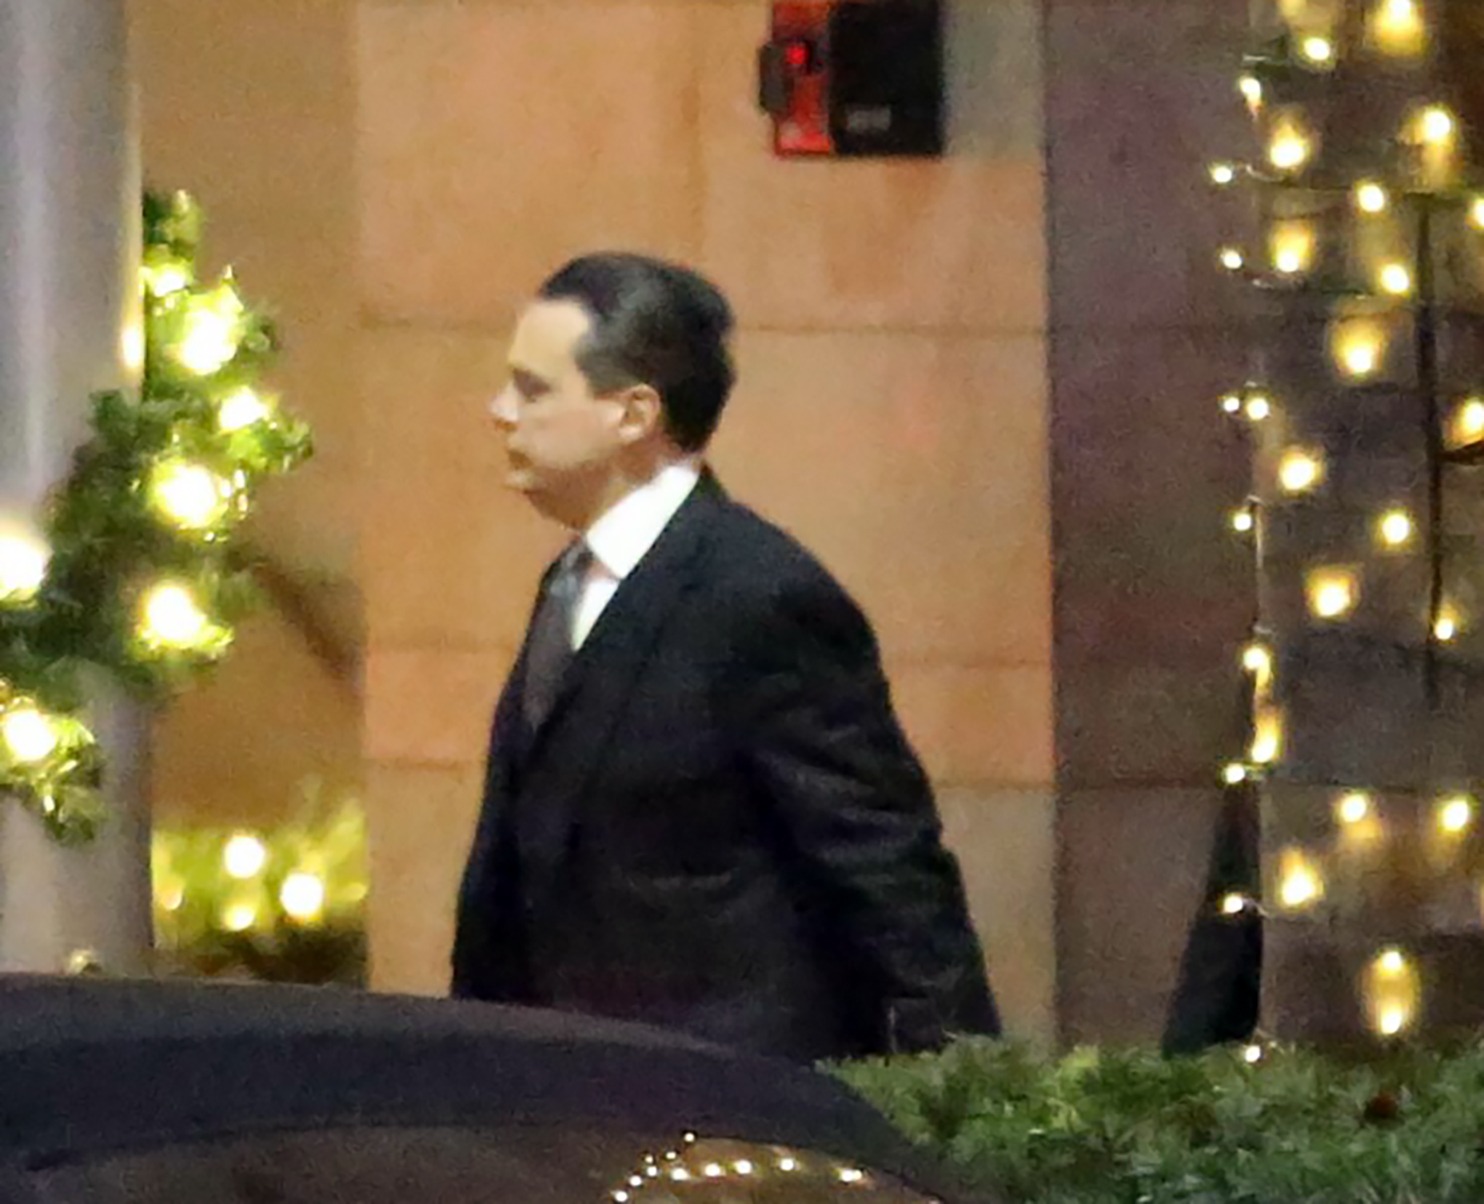 EXCLUSIVE RECIEN LIBERADAS Luis Miguel Sale A Cenar Con Su Hermano Alejandro